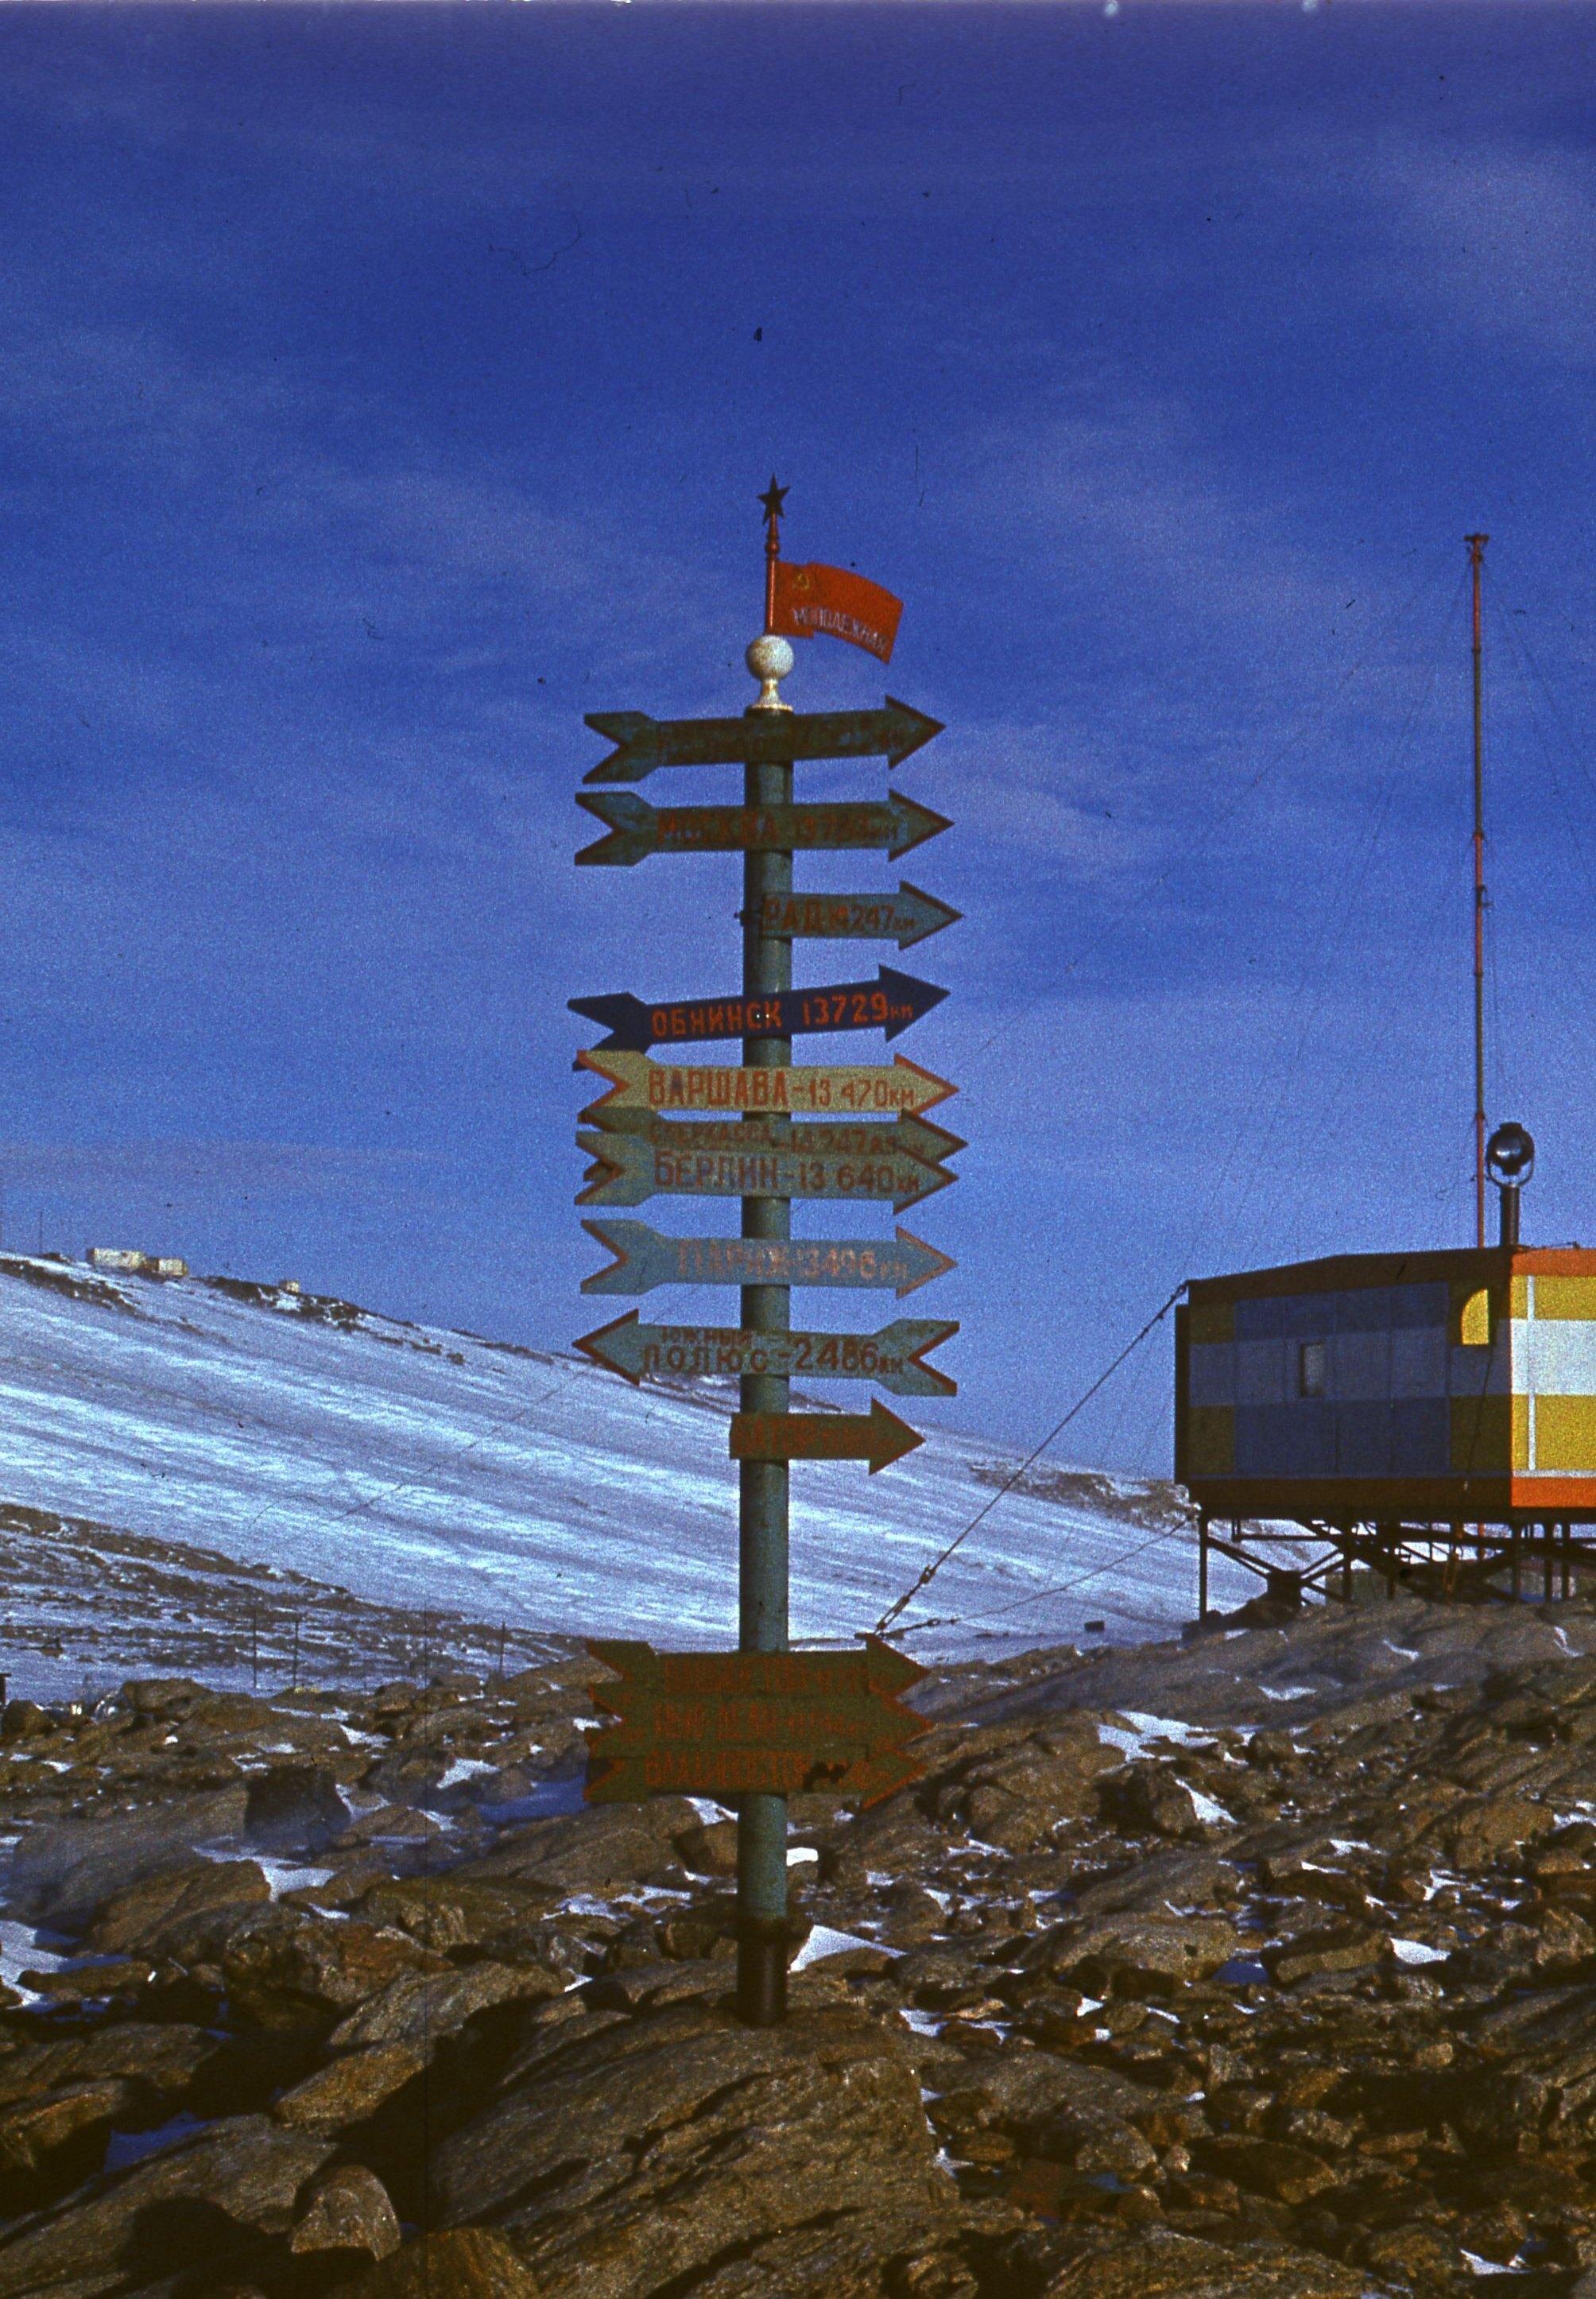 830155 Антарктическая станция _Молодёжная_.jpg